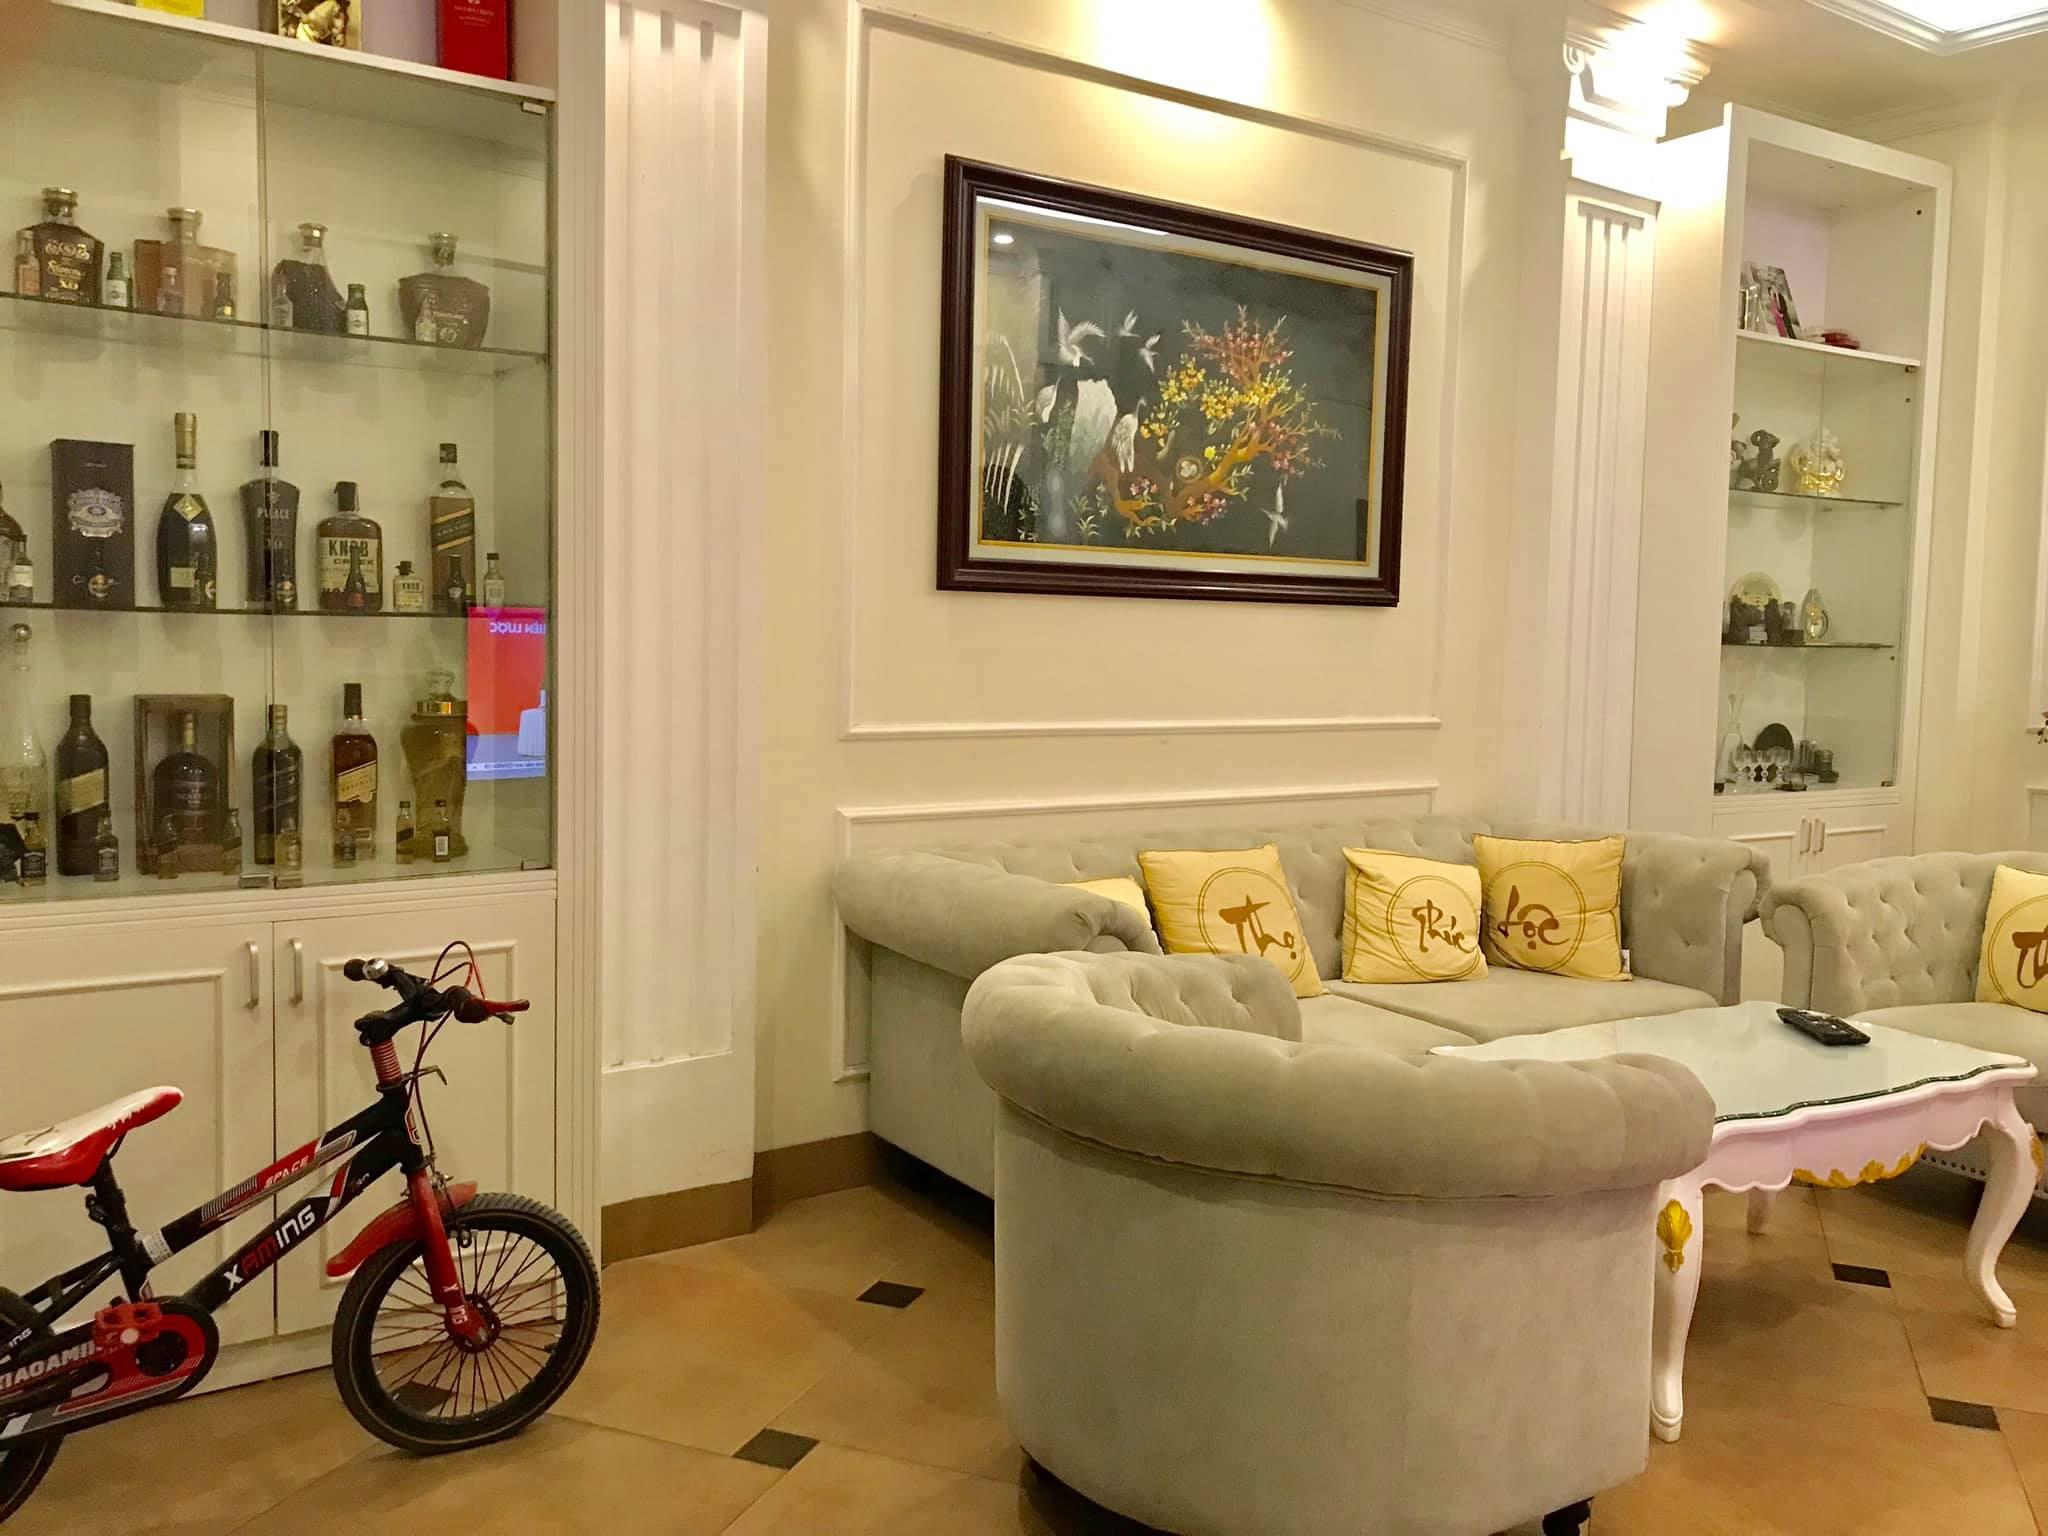 Phân lô Nguyễn Khánh Toàn, Cầu Giấy. Gara ô tô 7 chỗ, Thang máy DT 86m2. Phòng khách